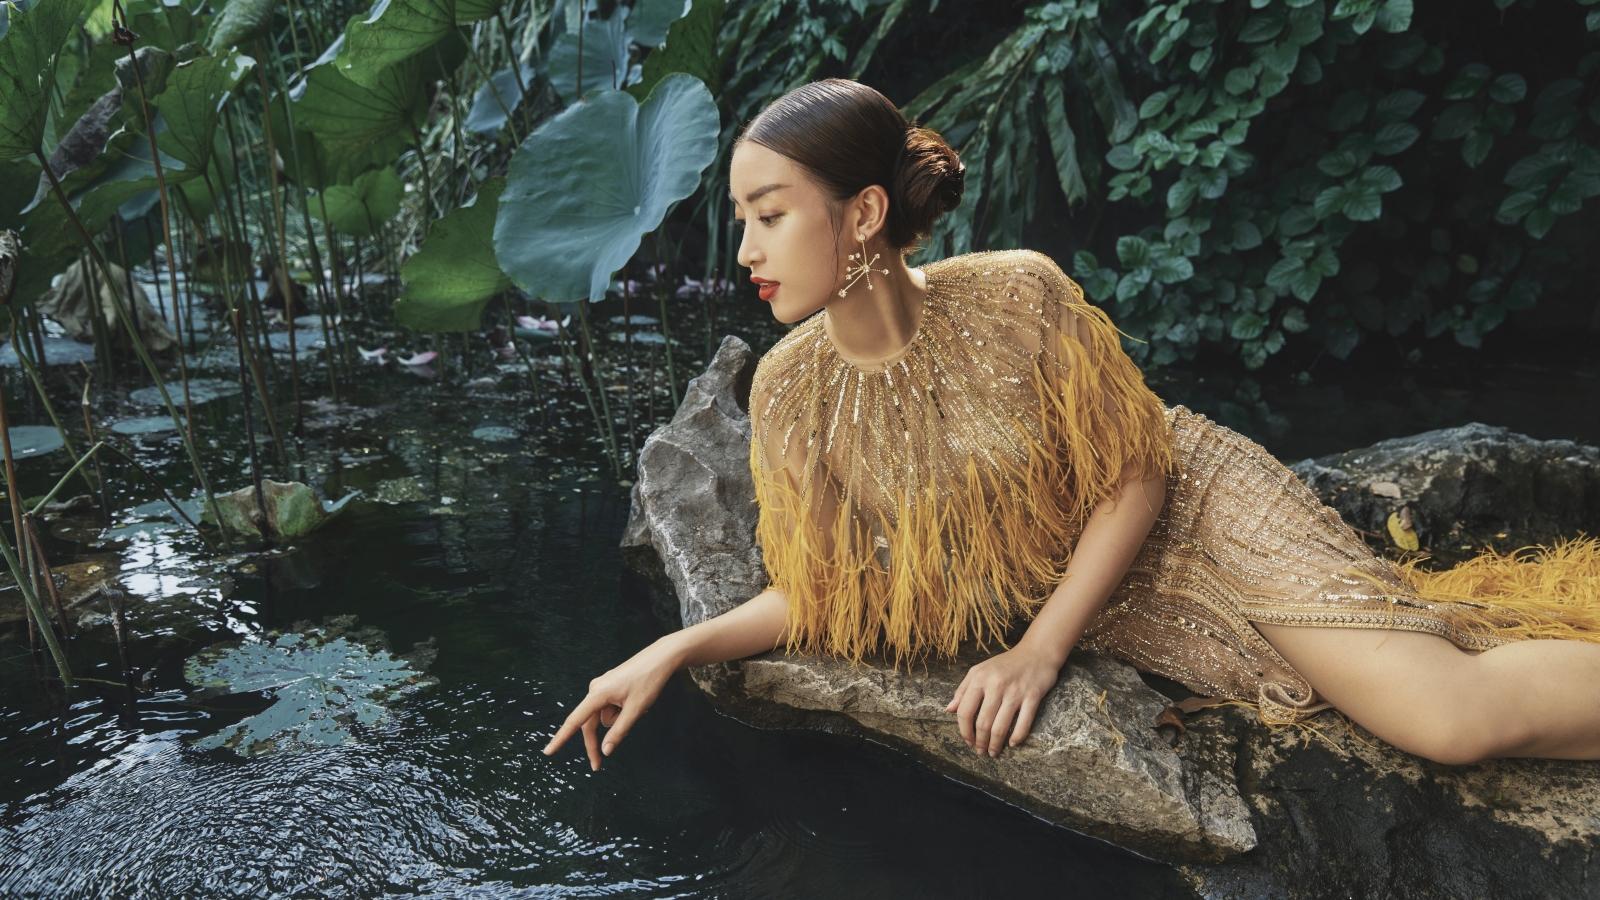 Đỗ Mỹ Linh trèo 500 bậc thang, mặc váy dạ hội tạo dáng giữa cảnh sắc hùng vĩ